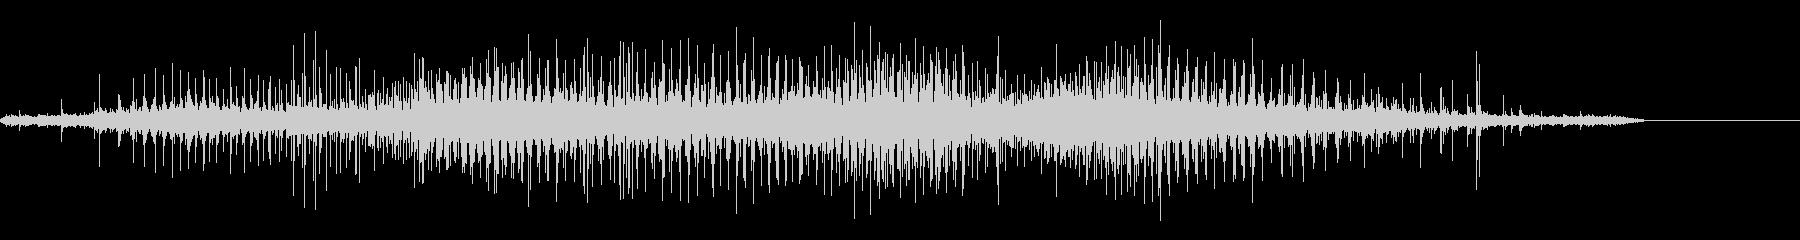 蒸気機関-マンケル1889-ランニ...の未再生の波形